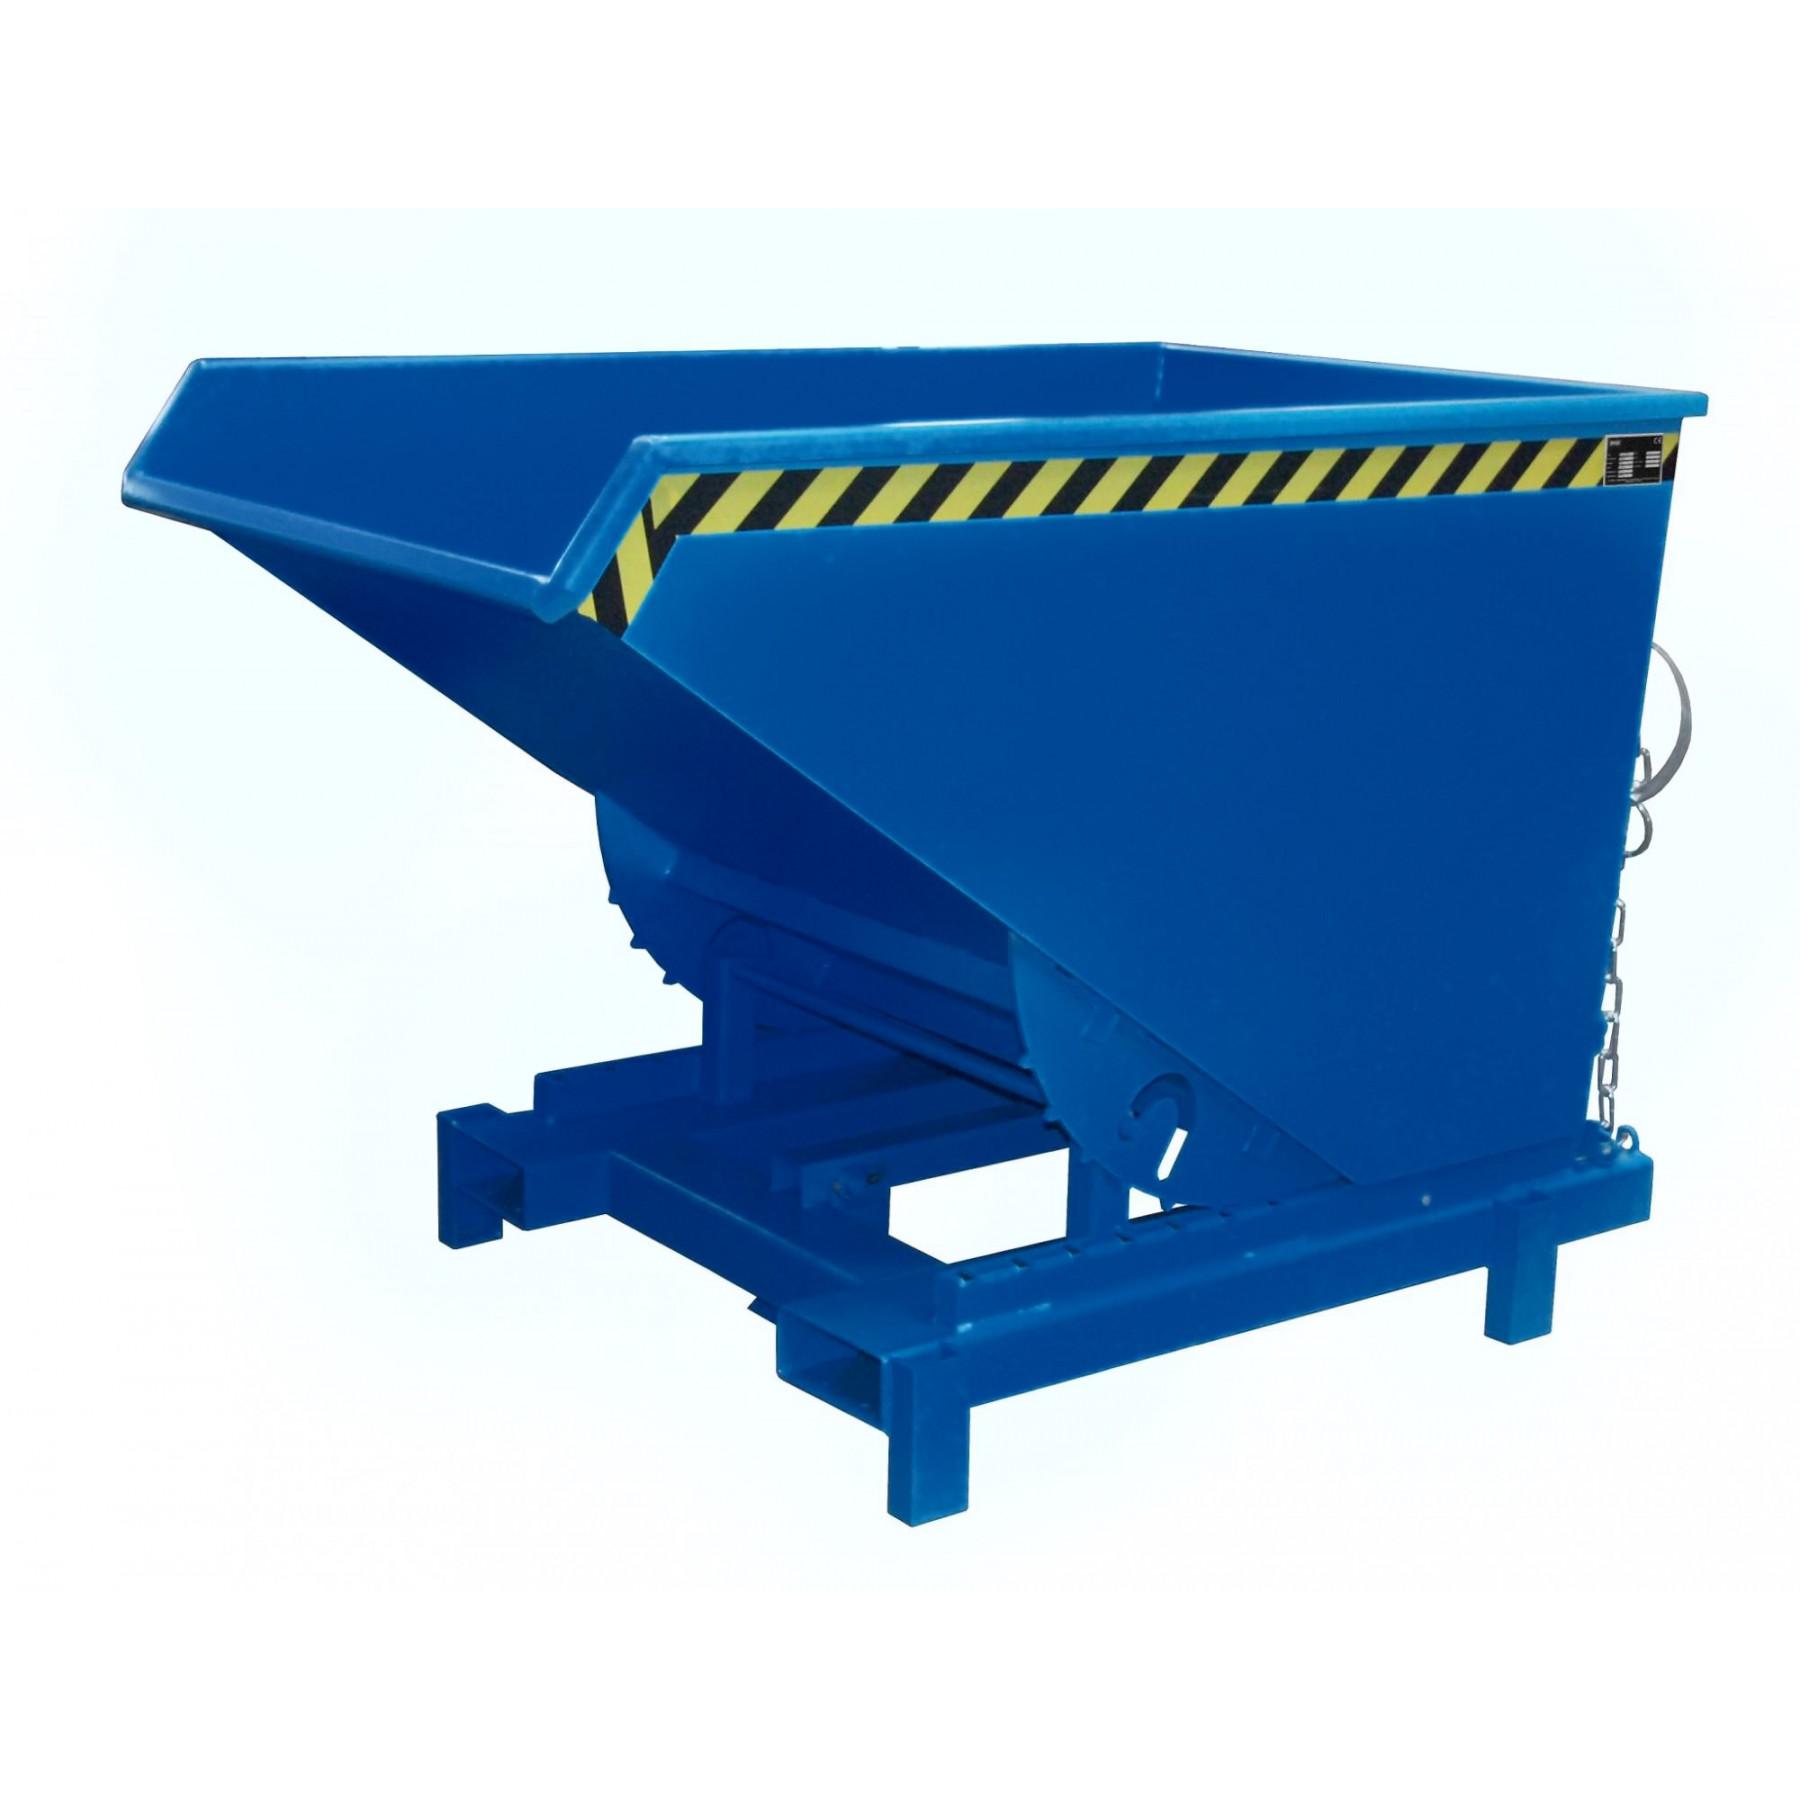 Kiepcontainer extra zwaar 1200 liter, MTF-SK-1200-5001